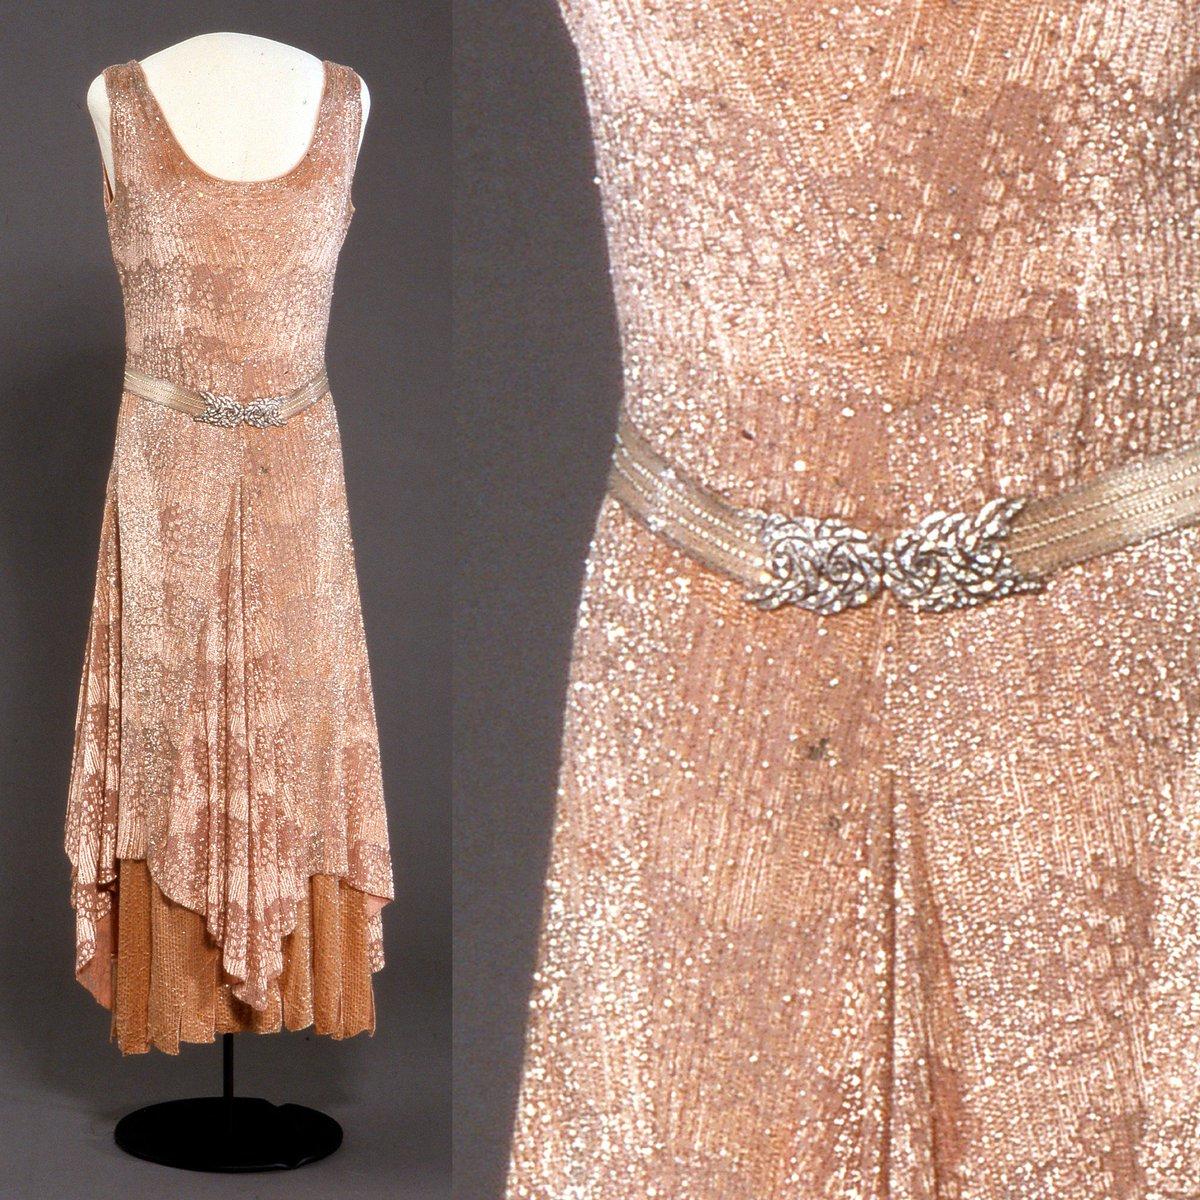 Nasjonalmuseet har lånt ut flere av dronning Mauds antrekk til utstillingen «Dronningmøter» som åpner i morgen på Slottet! 🏰. Denne kjolen brukte hun da kronprins Olav giftet seg med Märtha i mars 1929. 💃:W.W. Reville-Terry Ltd., 1929. 📸: Nasjonalmuseet/Teigens Fotoatelier.